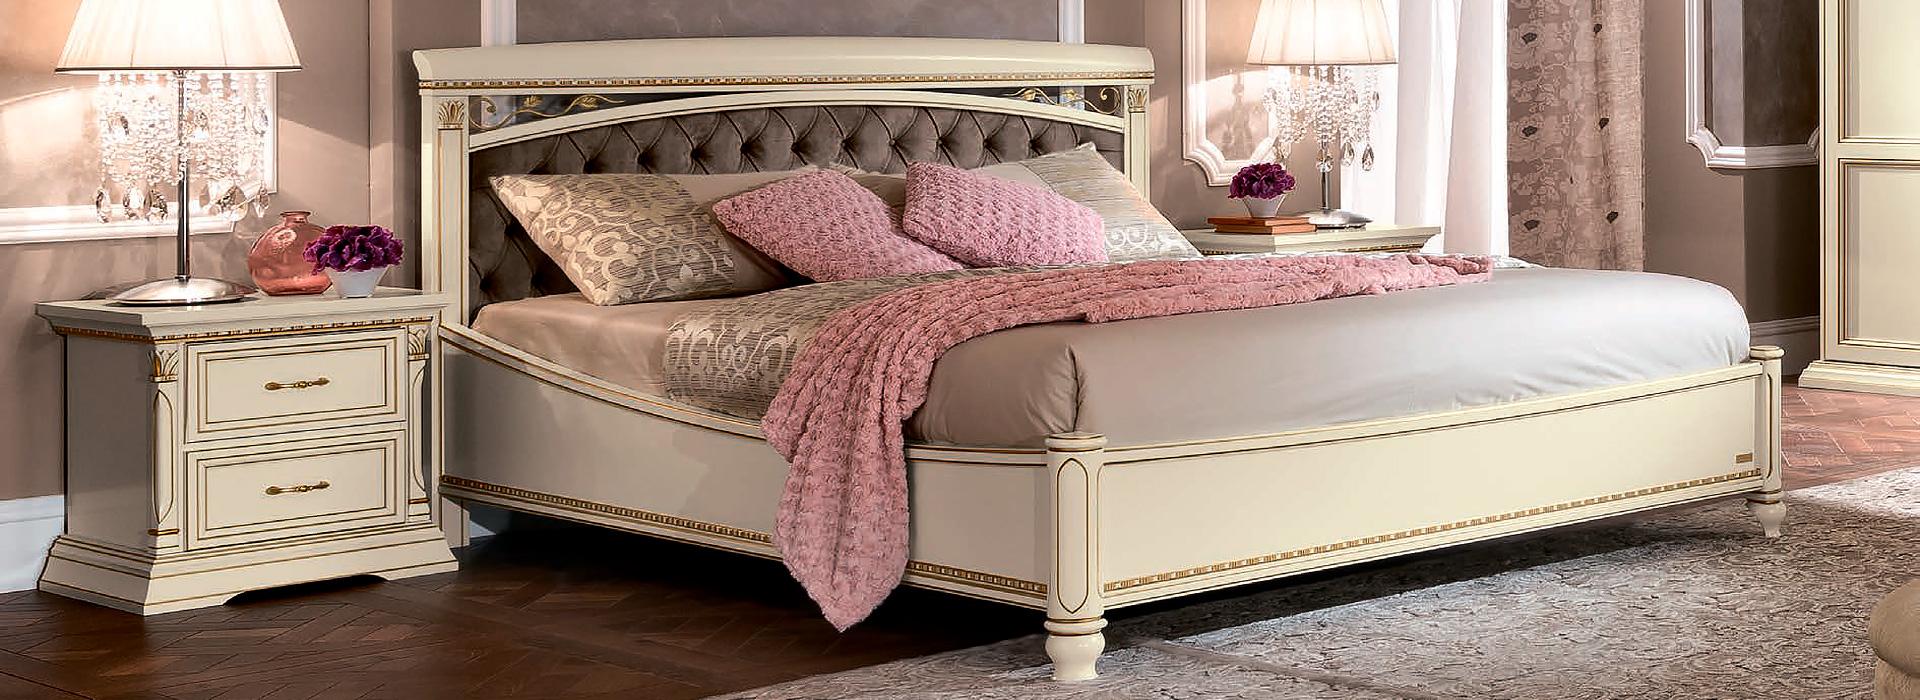 Кровать CAPITONNE' Treviso